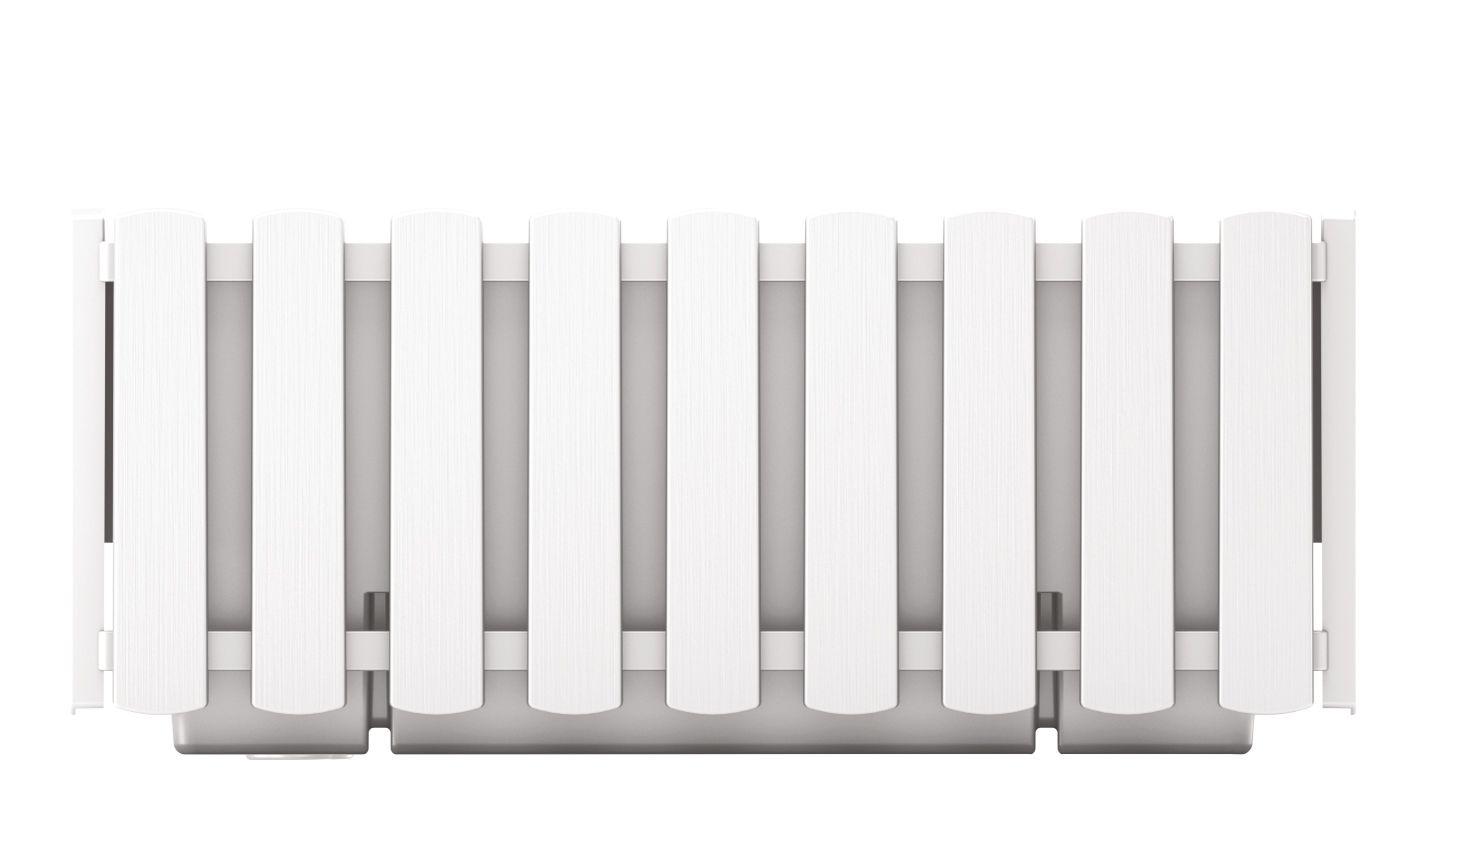 PROSPERPLAST Truhlík BOARDEE FENCYCASE bílý 38cm